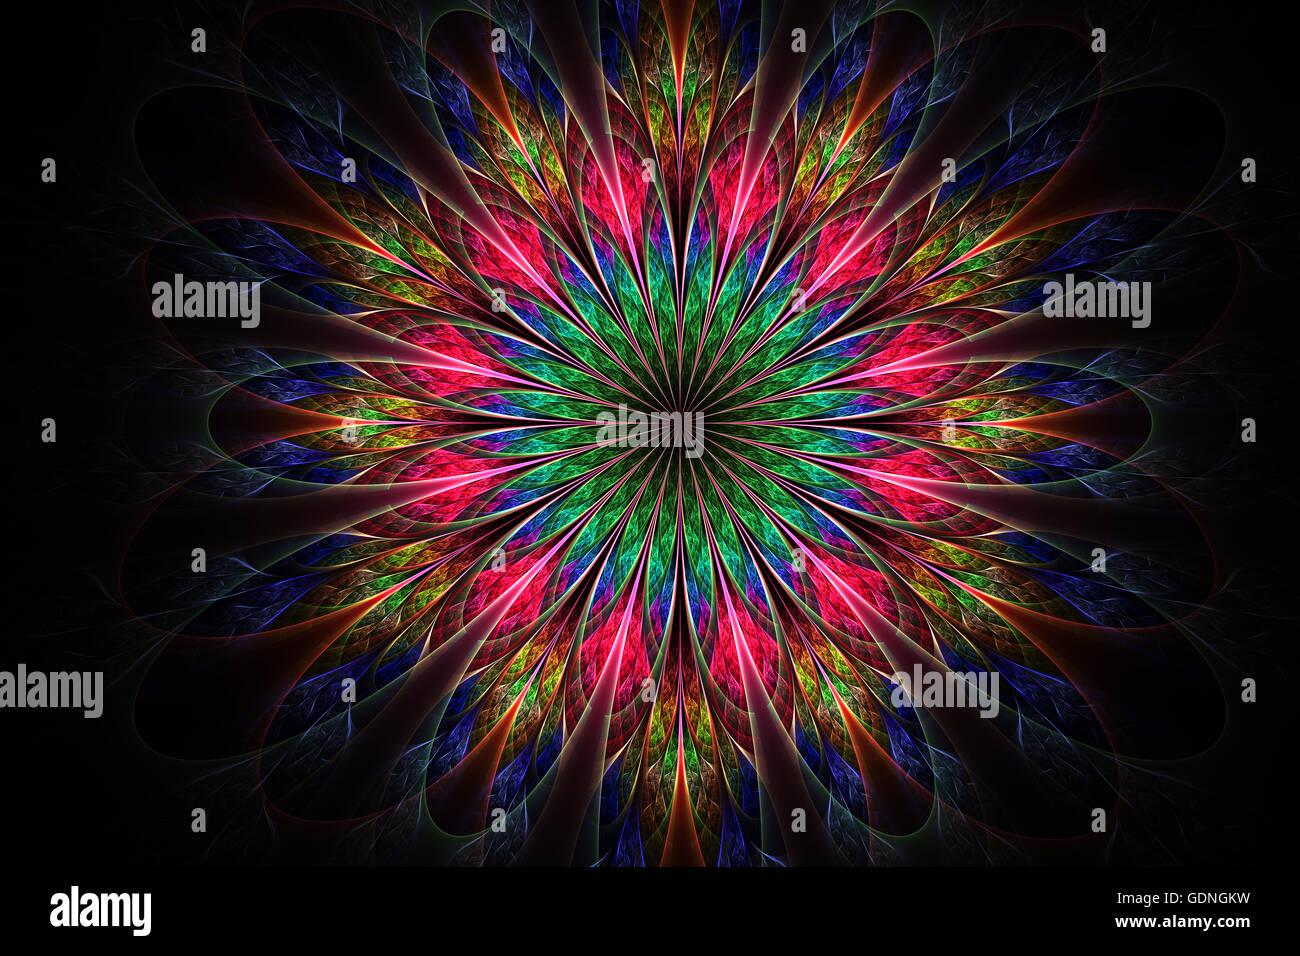 Computer generierte Fraktale Blumen in bunten Farben. Fraktale Grafiken für kreatives Design, Flyer Deckel, Stockbild